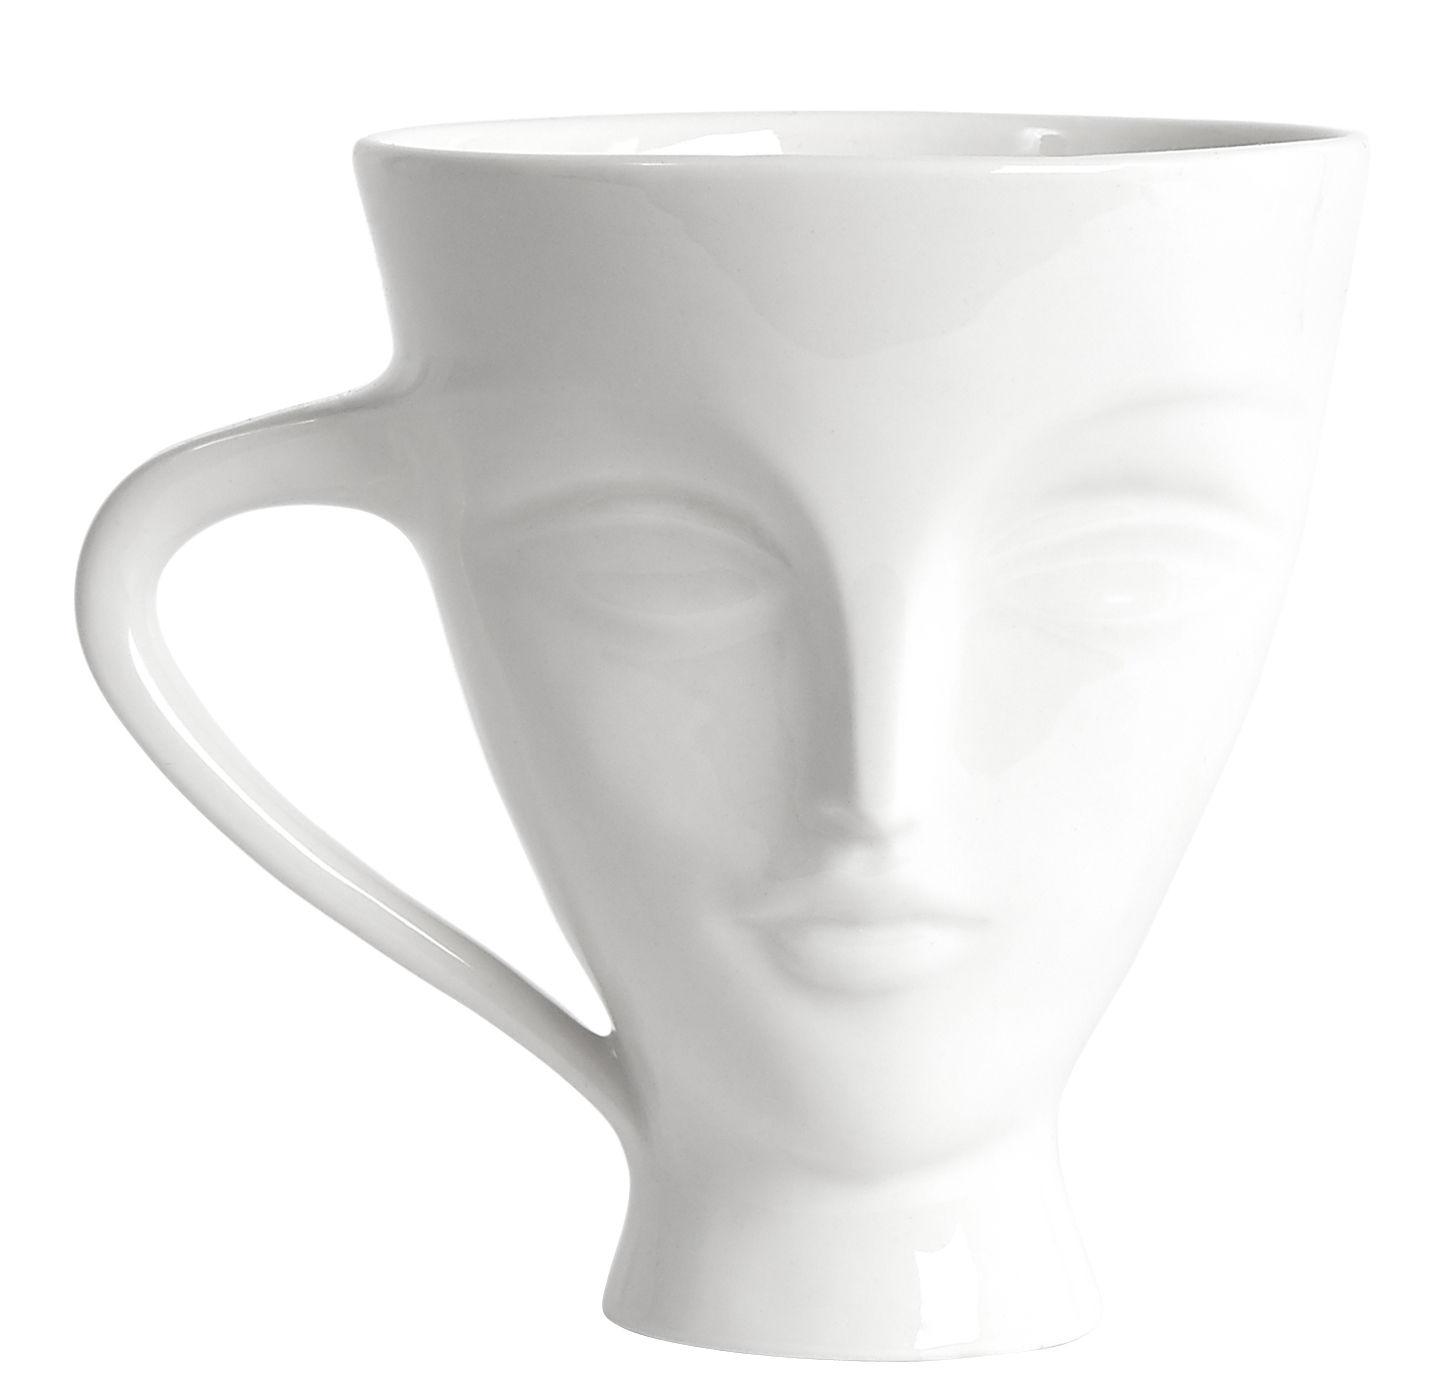 Arts de la table - Thé et café - Tasse Giuliette - Jonathan Adler - Blanc - Porcelaine